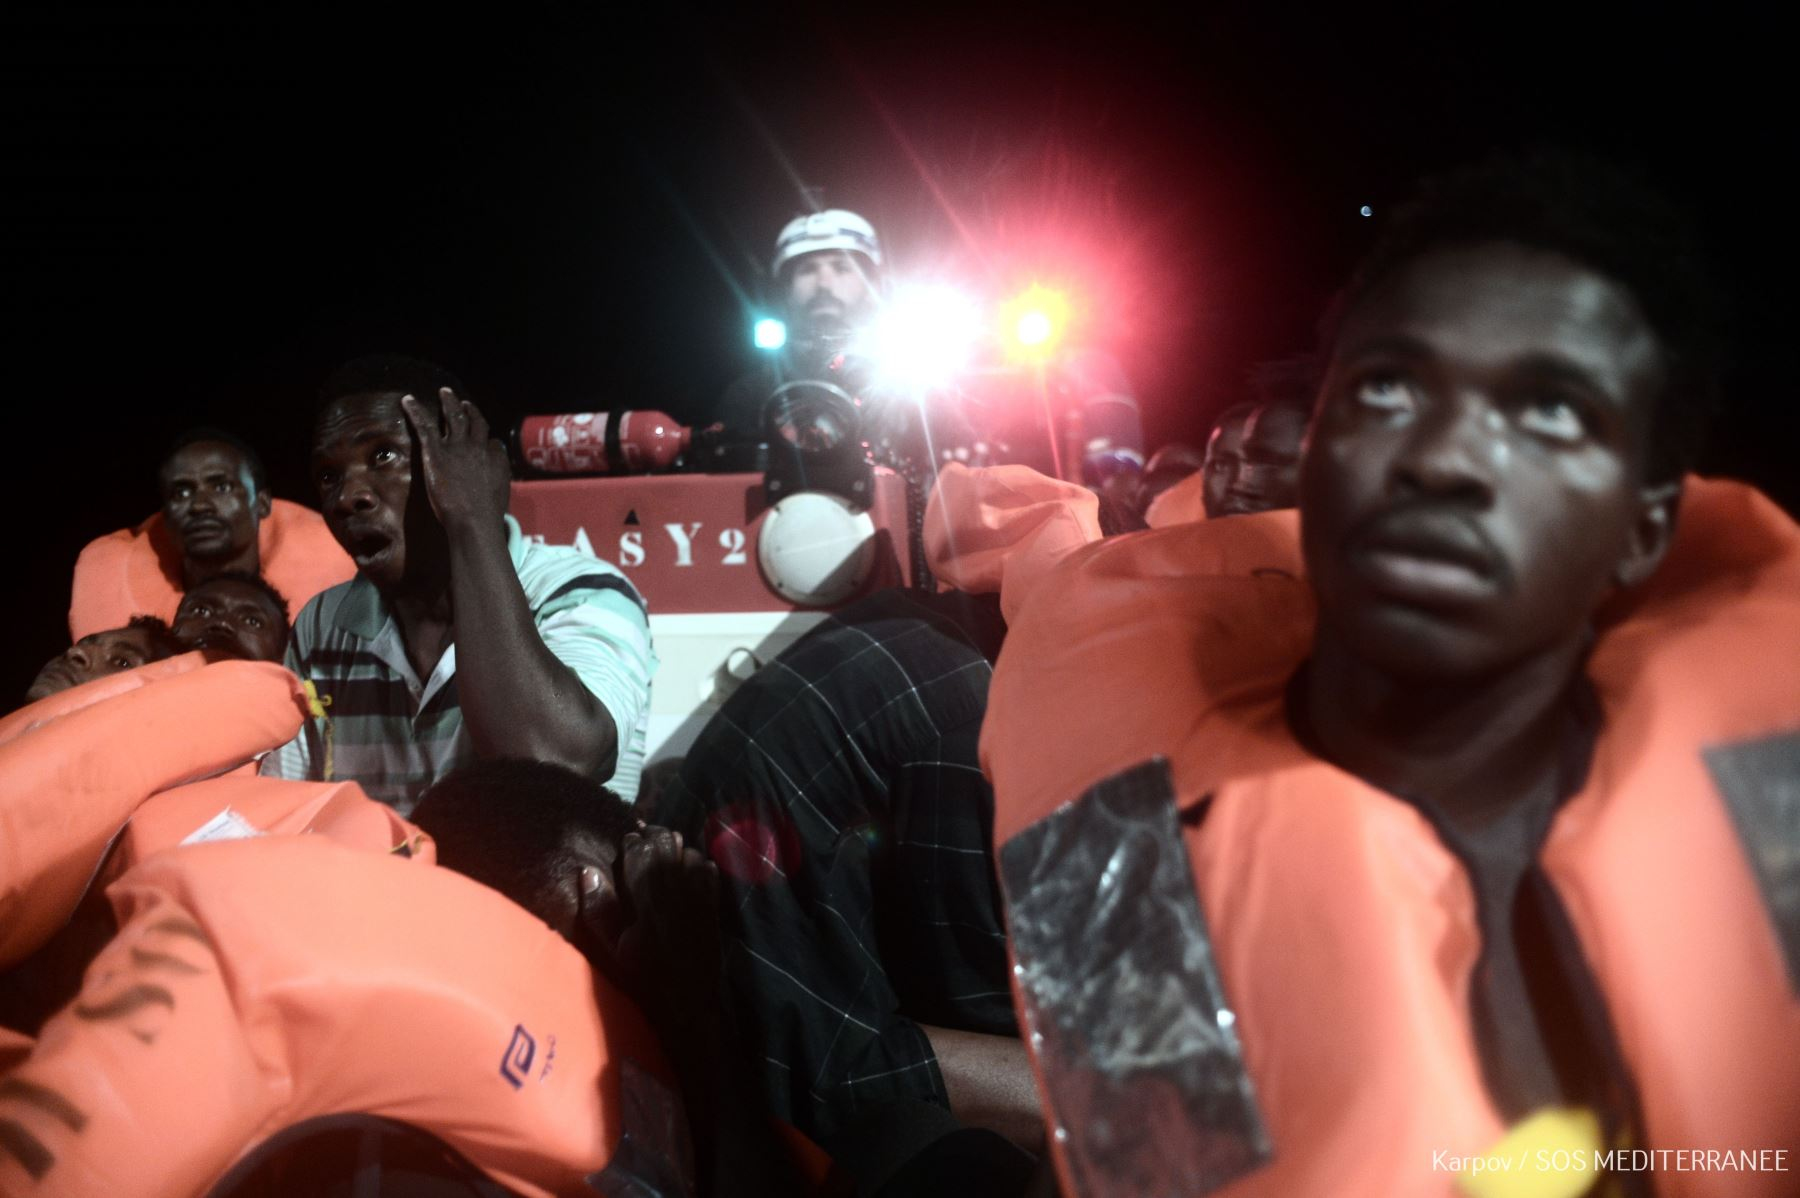 Italia se mofa del Aquarius: '¡Victoria! 629 inmigrantes se van a España'